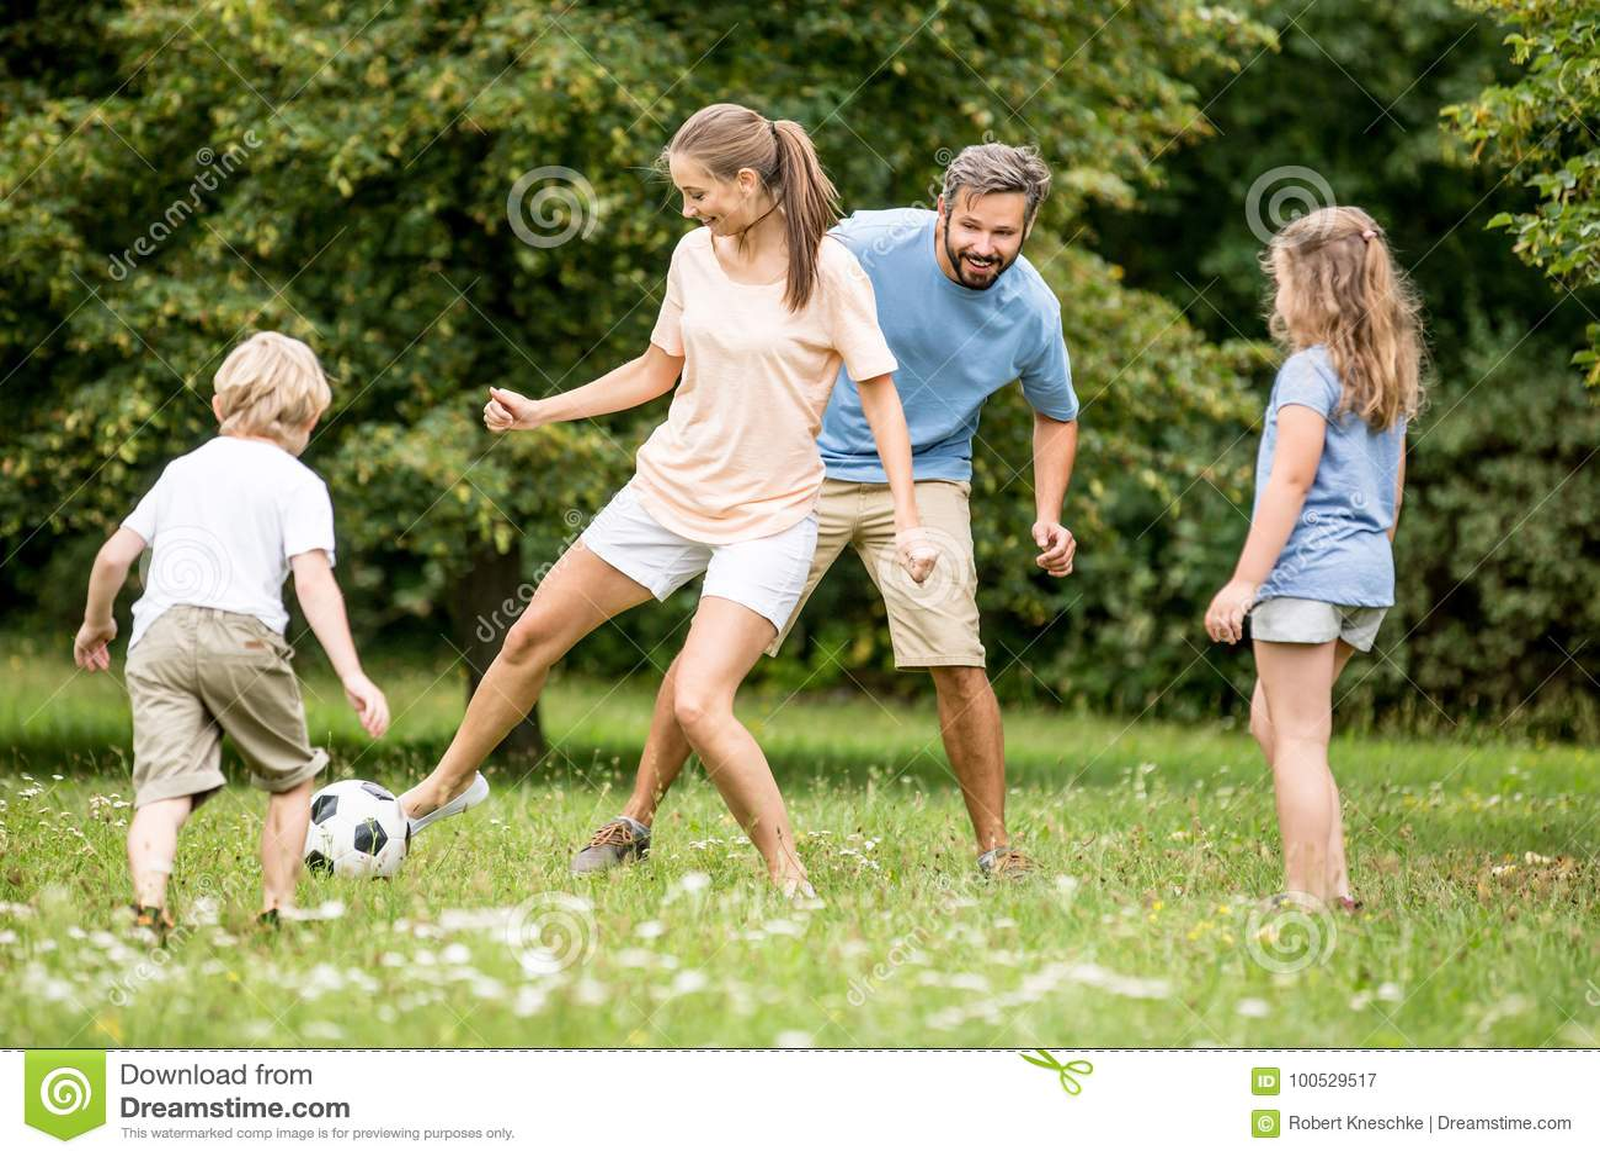 Download La Madre Juega A Fútbol Del Fútbol Con La Familia Imagen de archivo - Imagen de diversión, hombres: 100529517